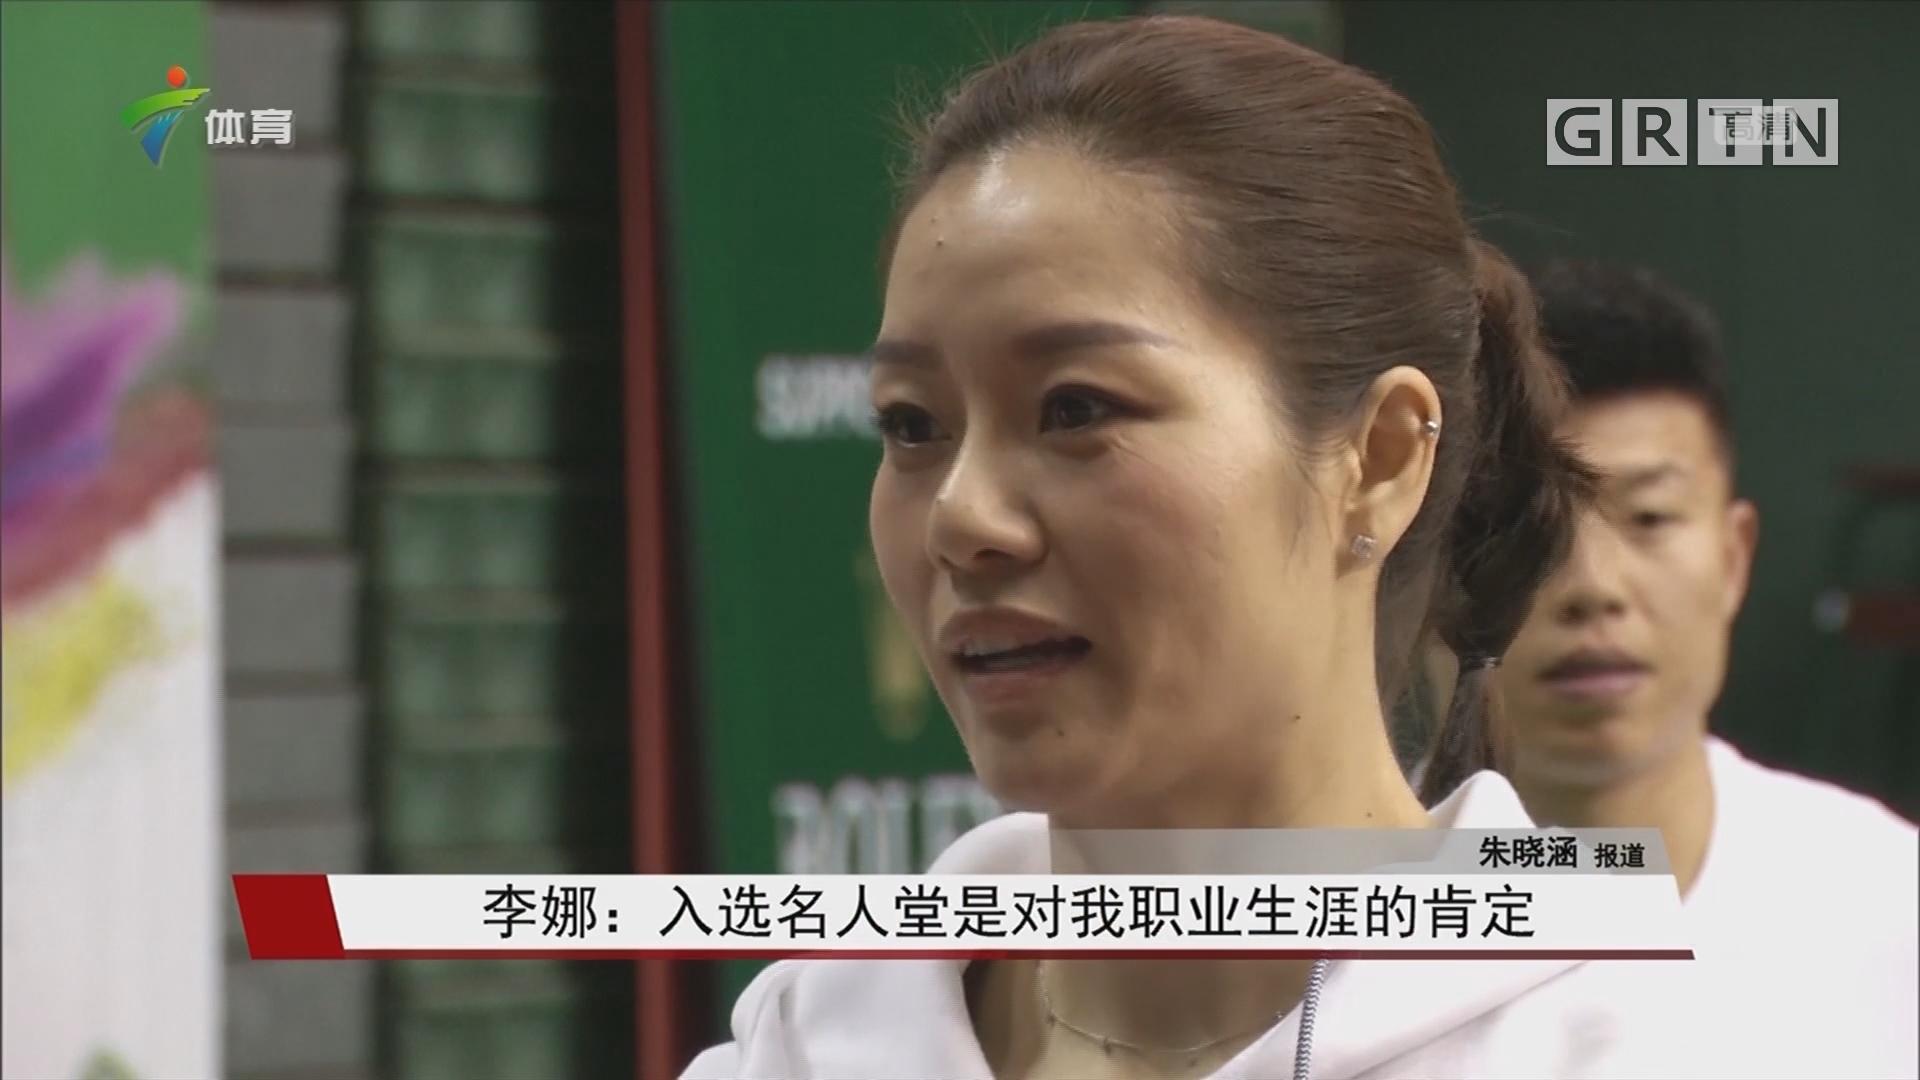 李娜:入选名人堂是对我职业生涯的肯定